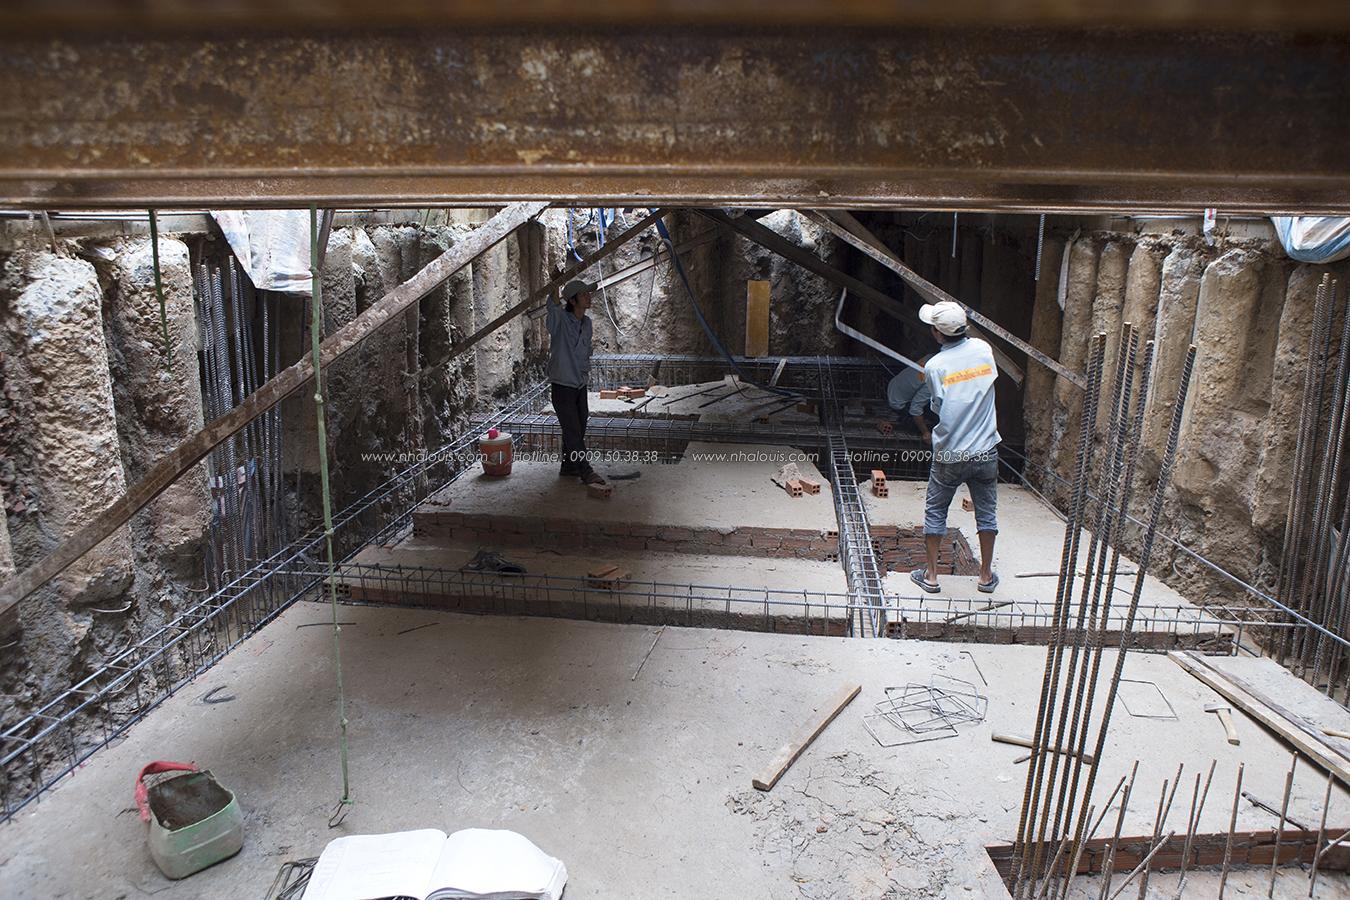 Thi công xây dựng nhà phố 5 tầng kết hợp văn phòng cho thuê ở Quận 1 - 23